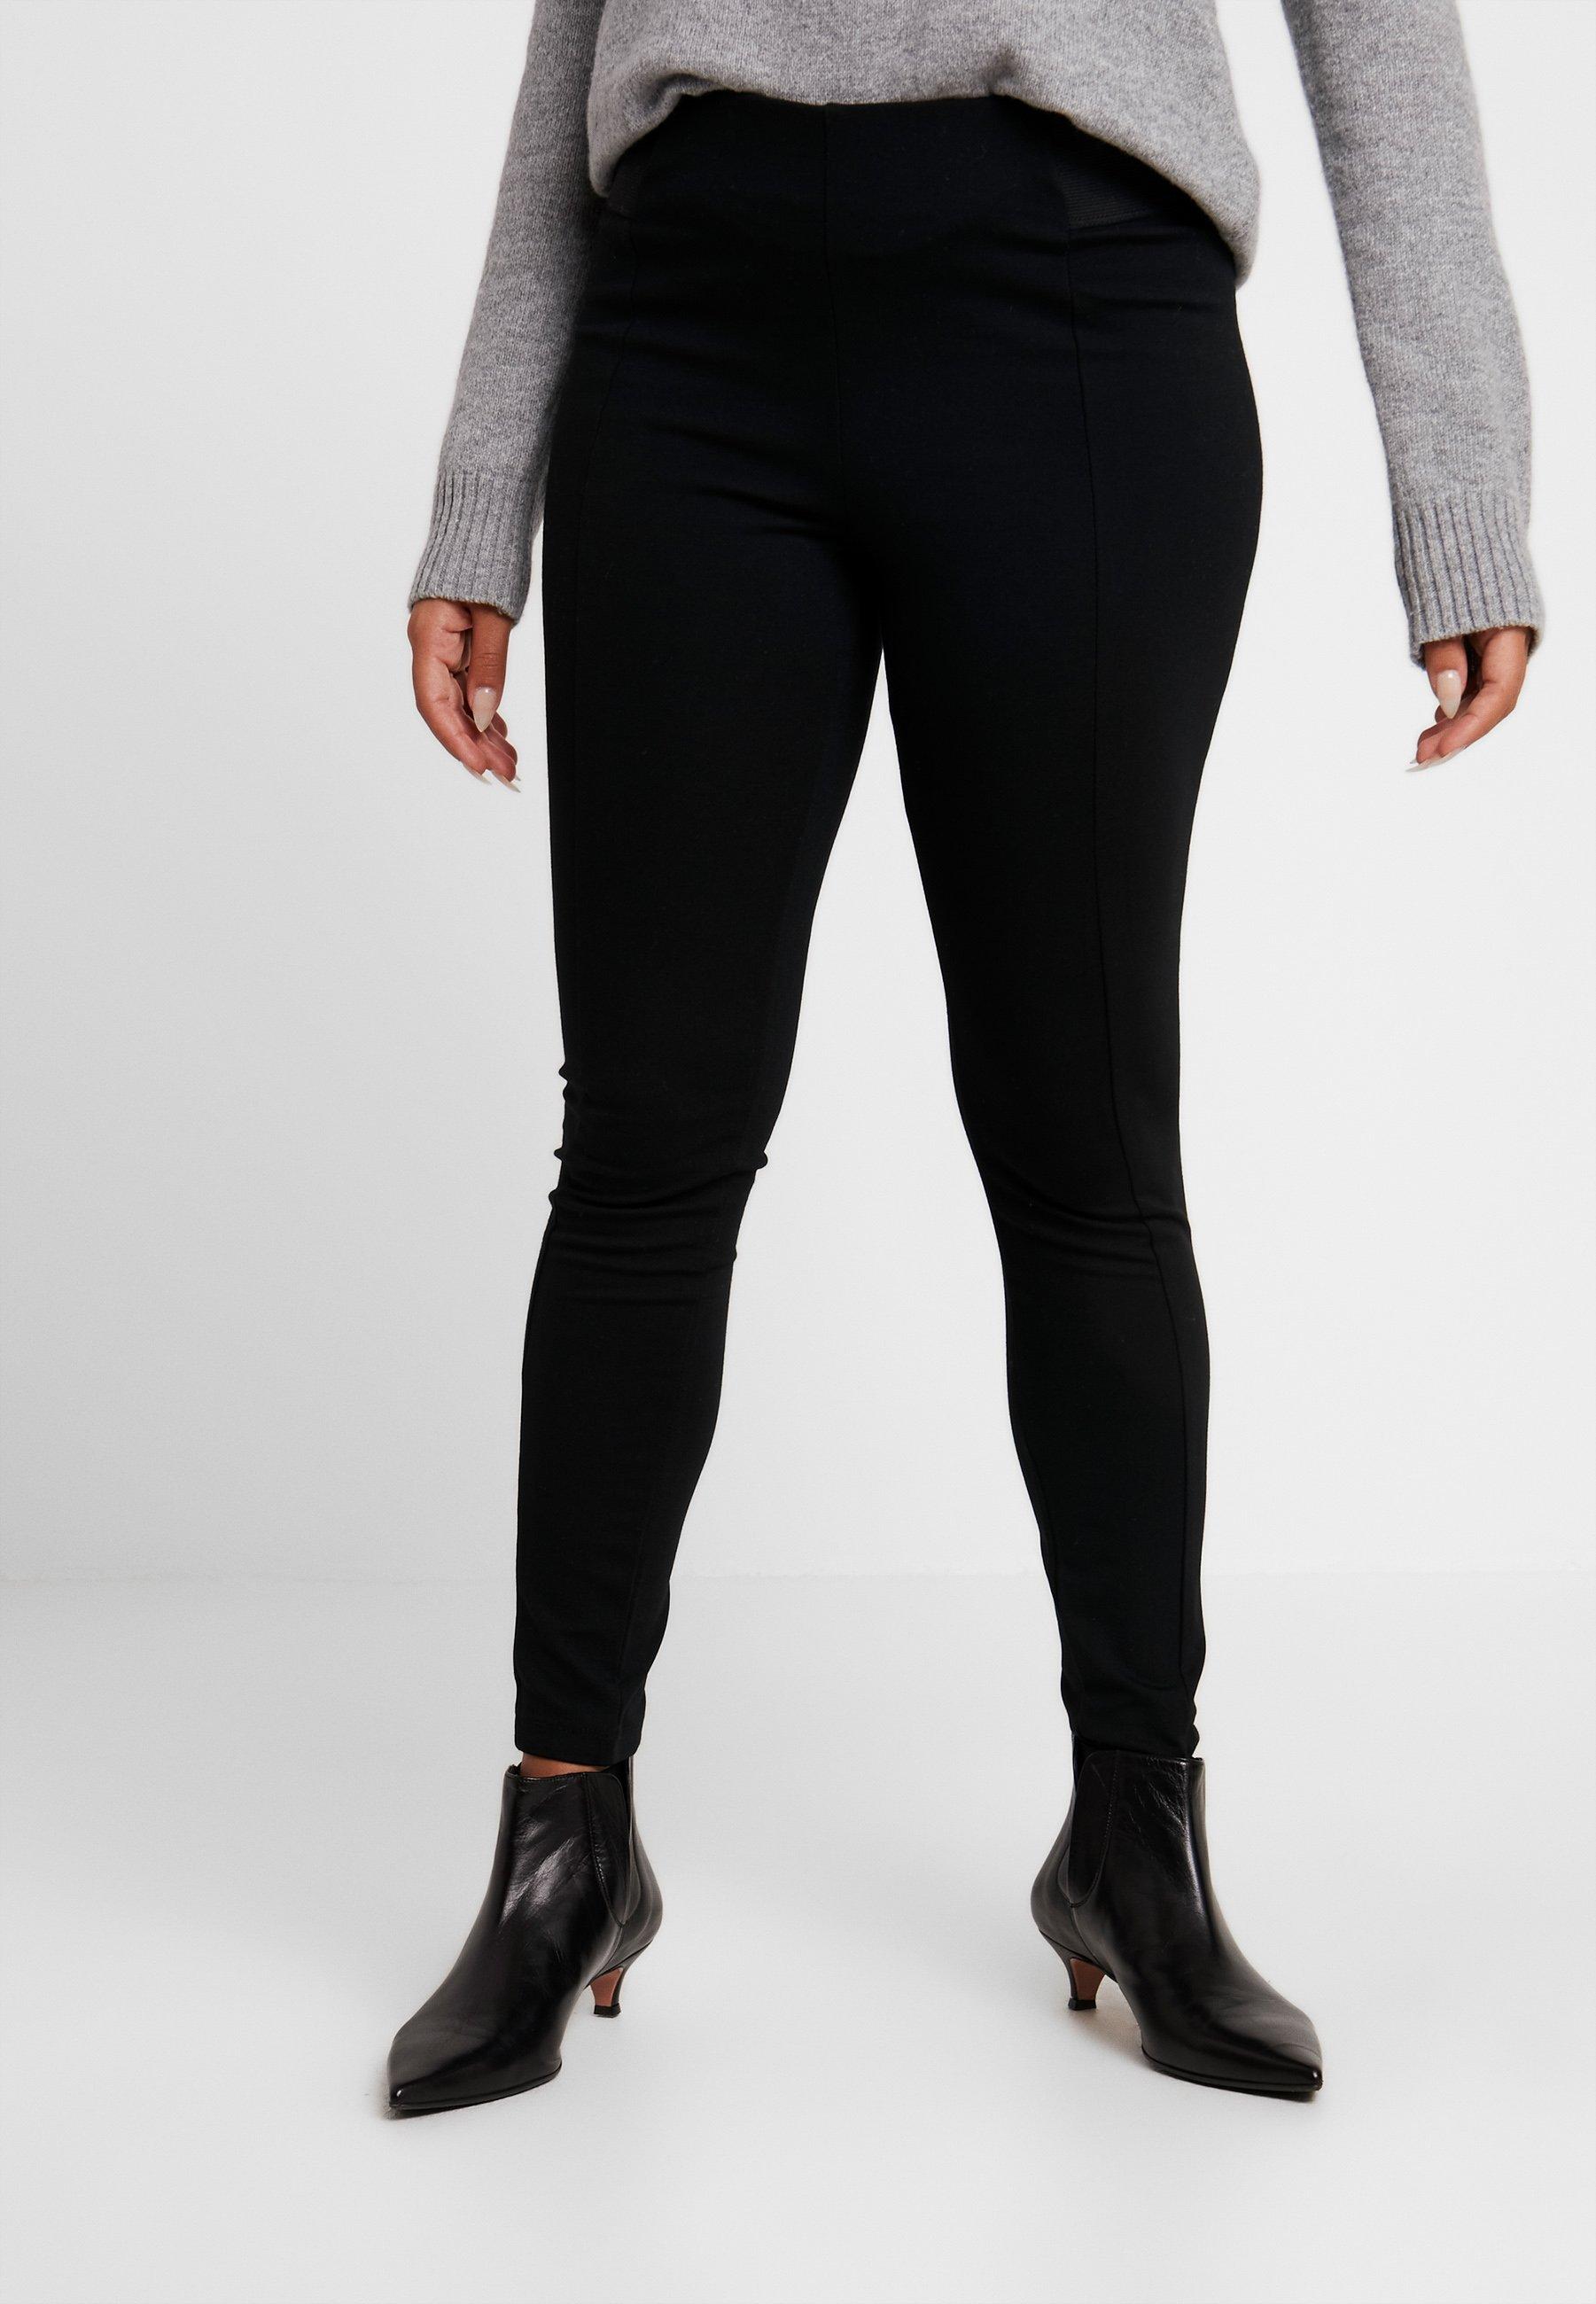 Esprit Esprit black Legging Petite Legging Petite 9EDH2I